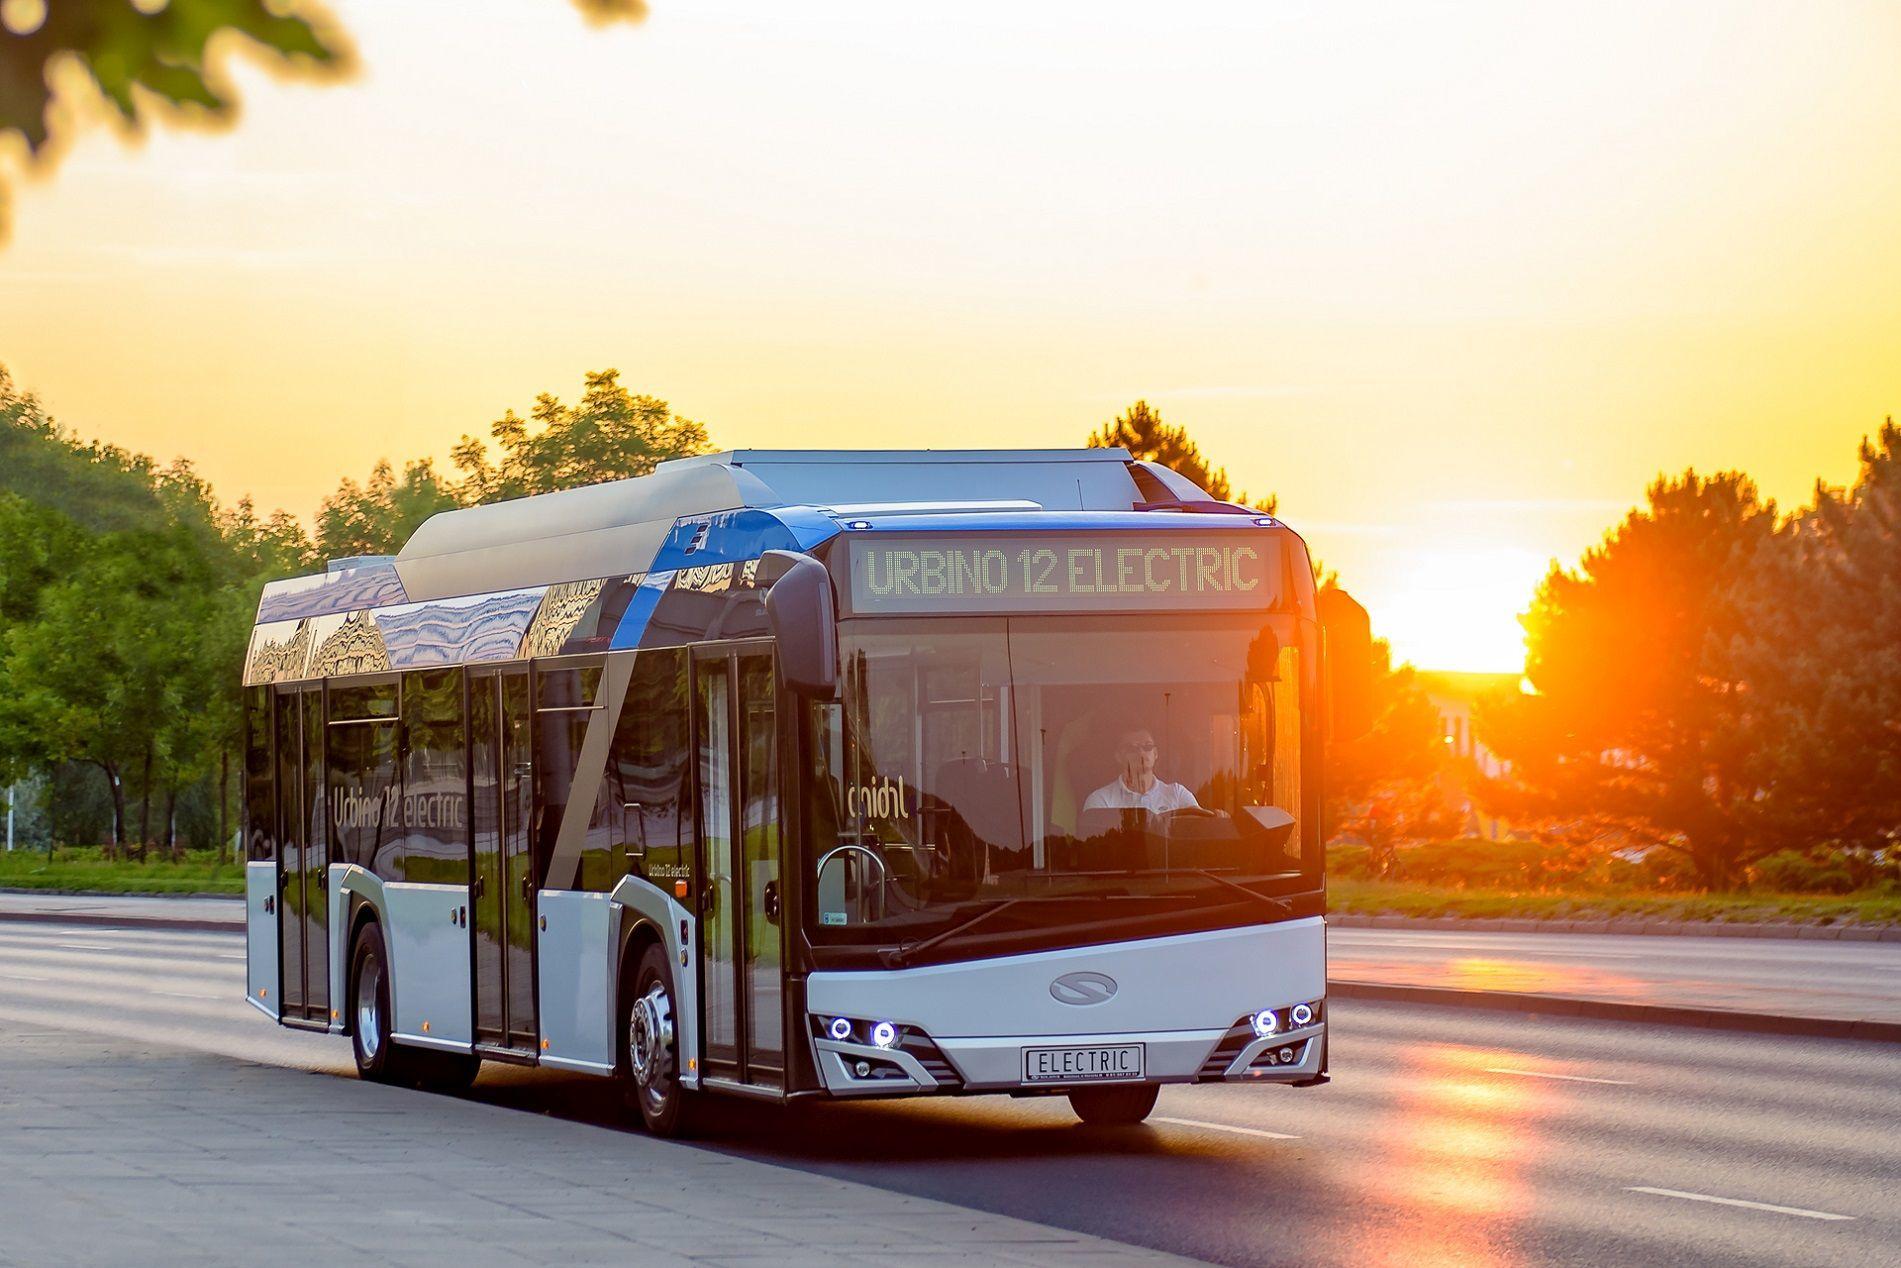 Solaris va livra 15 autobuze electrice la Suceava, contract de 37,5 milioane de lei fără TVA